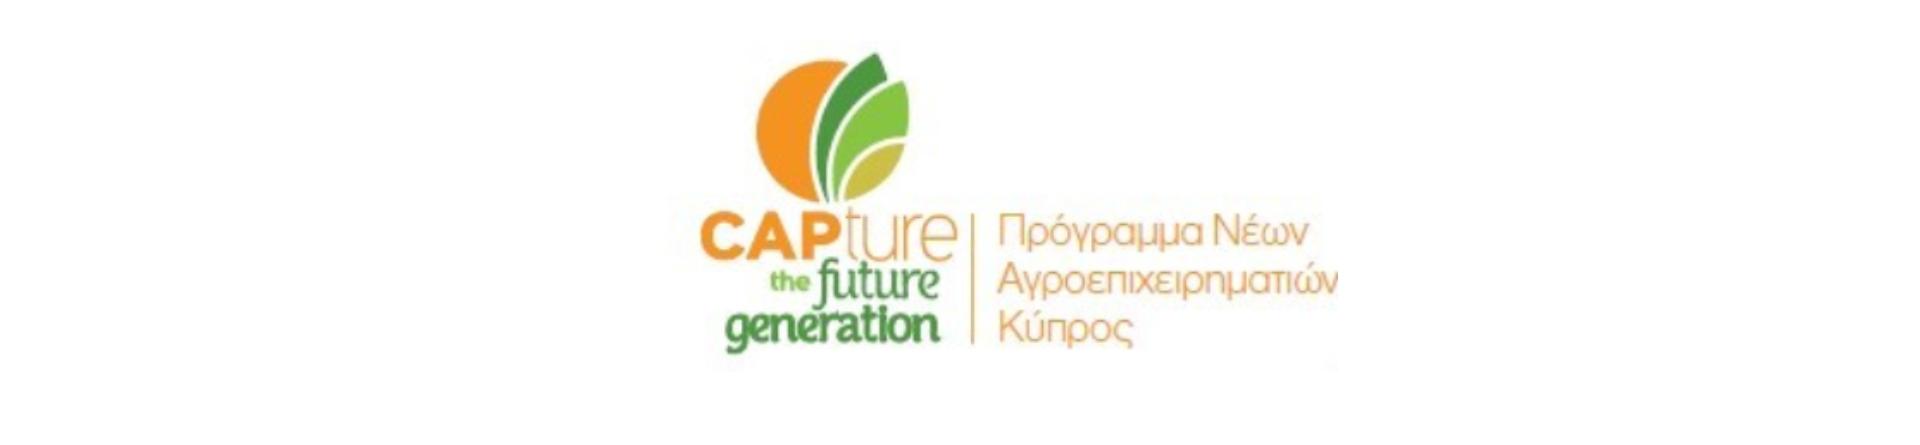 Ολοκλήρωση συμμετοχής  στο πρόγραμμα Νέοι Αγροεπιχειρηματίες